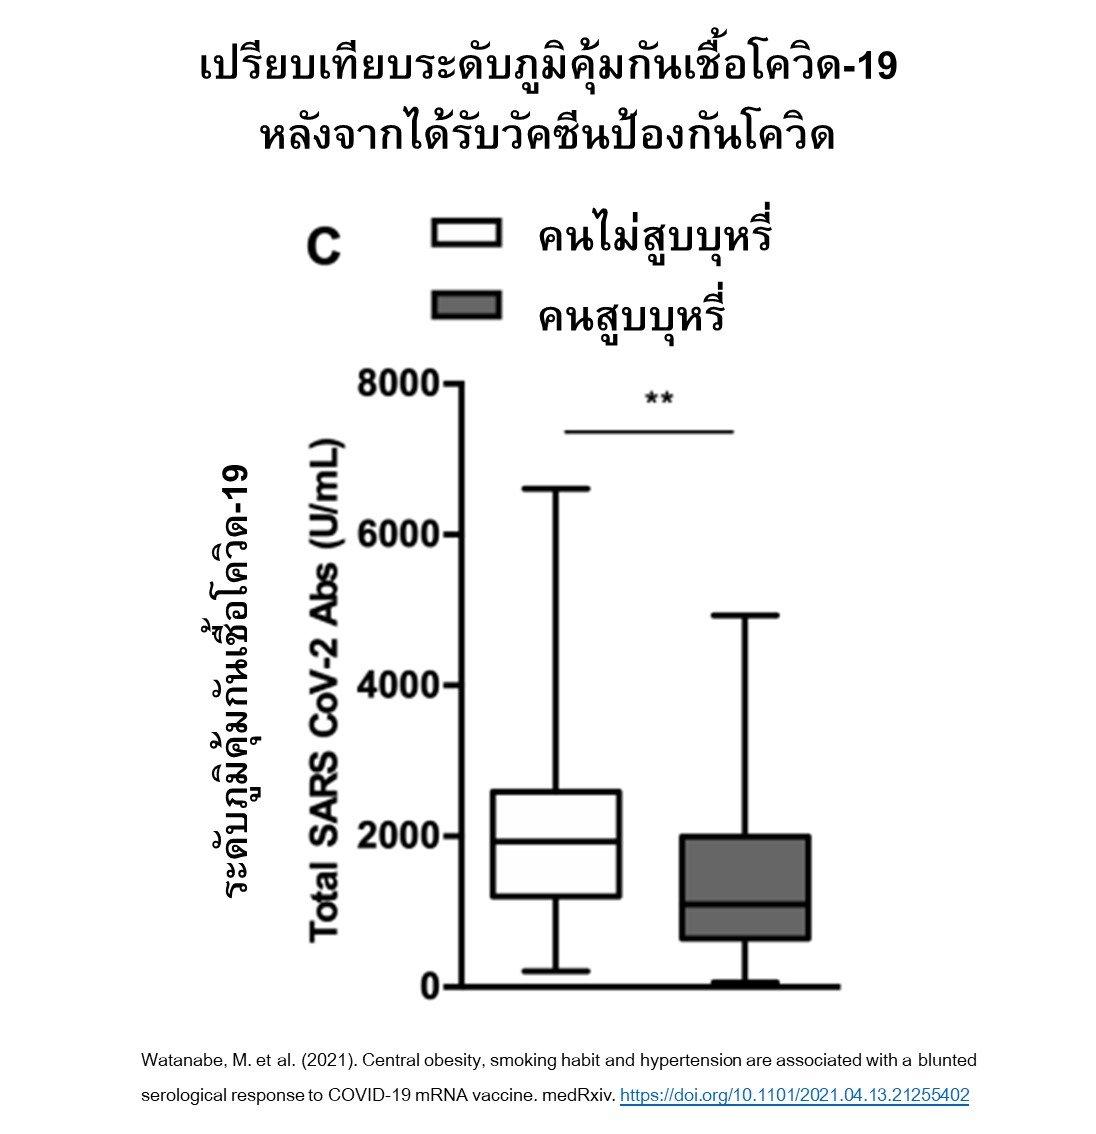 ชวนคนไทยเลิกสูบบุหรี่ระหว่างรอฉีดวัคซีน ช่วยภูมิคุ้มกันฟื้นตัวดีขึ้น thaihealth